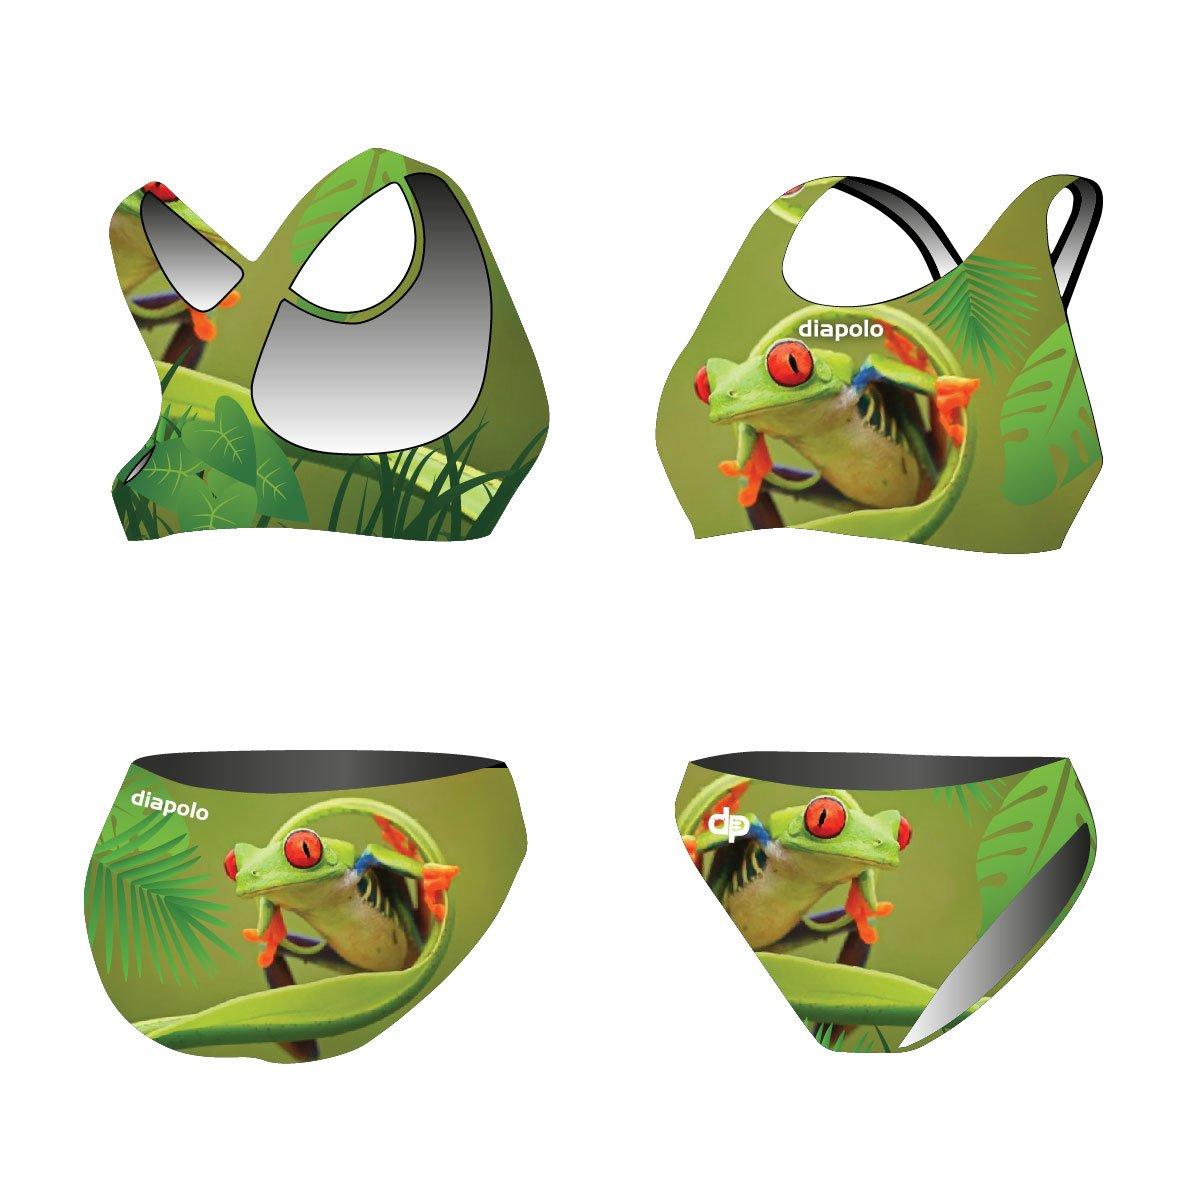 Diapolo Frog 1 Sport-Bikini Zweiteiler aus der Wild Animals Kollektion für Schwimmen Synchronschwimmen Wasserball Thriathlon